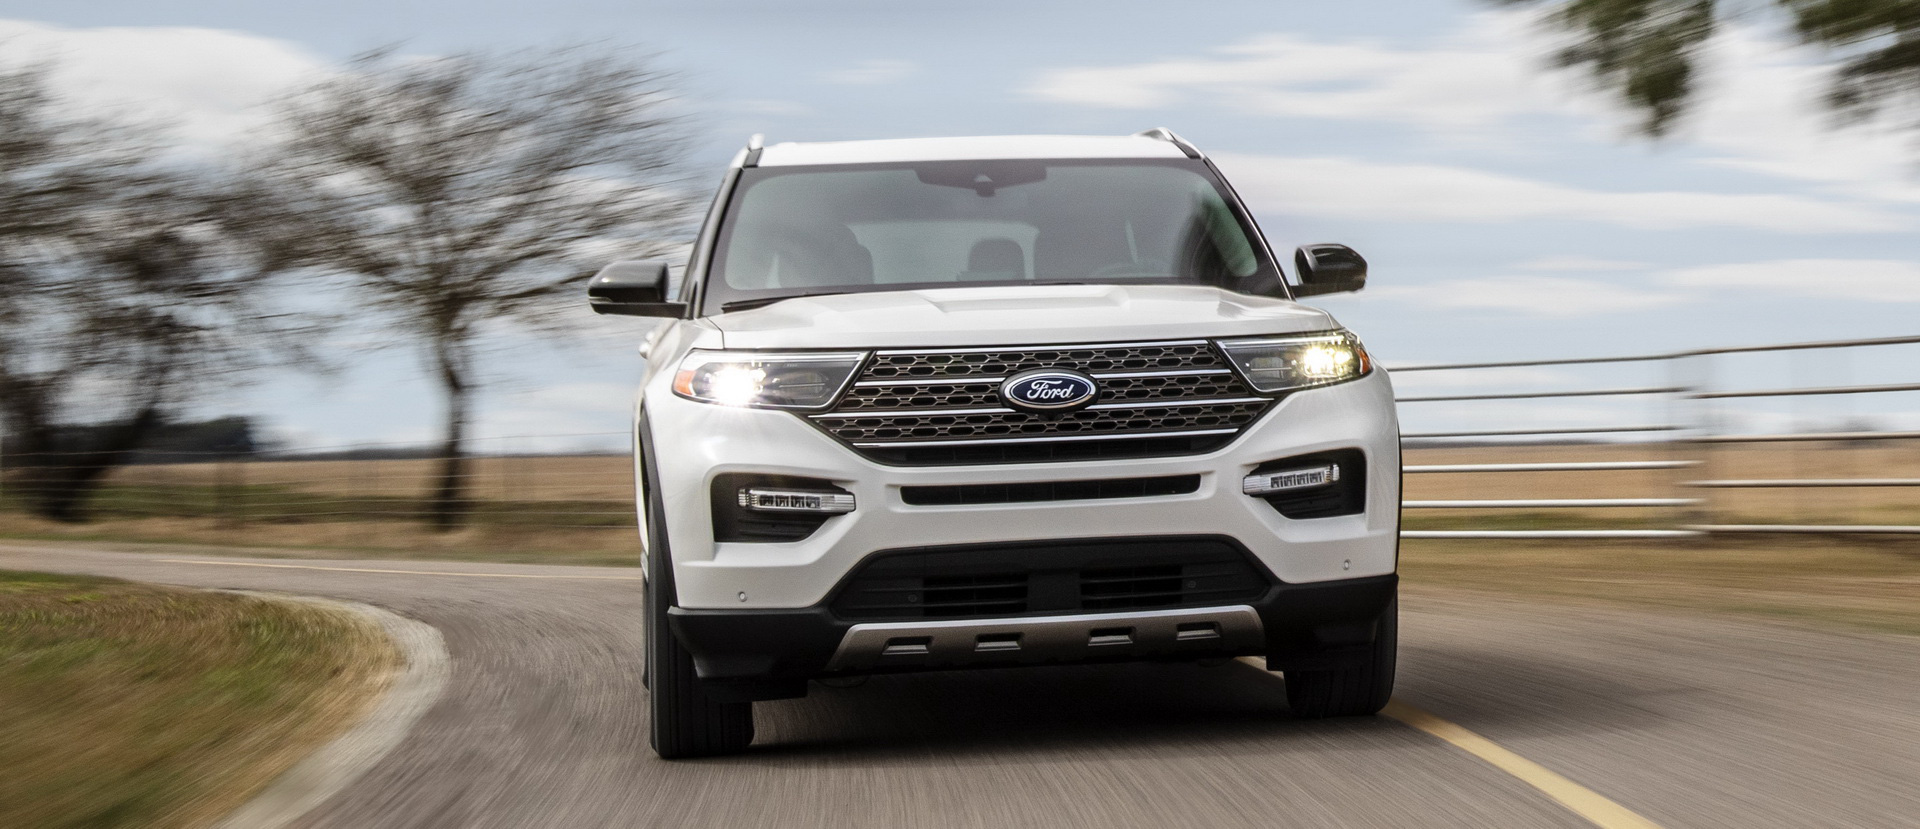 Ford tung dòng SUV khiến Honda CR-V, Mazda CX-5 lo lắng - Ảnh 6.